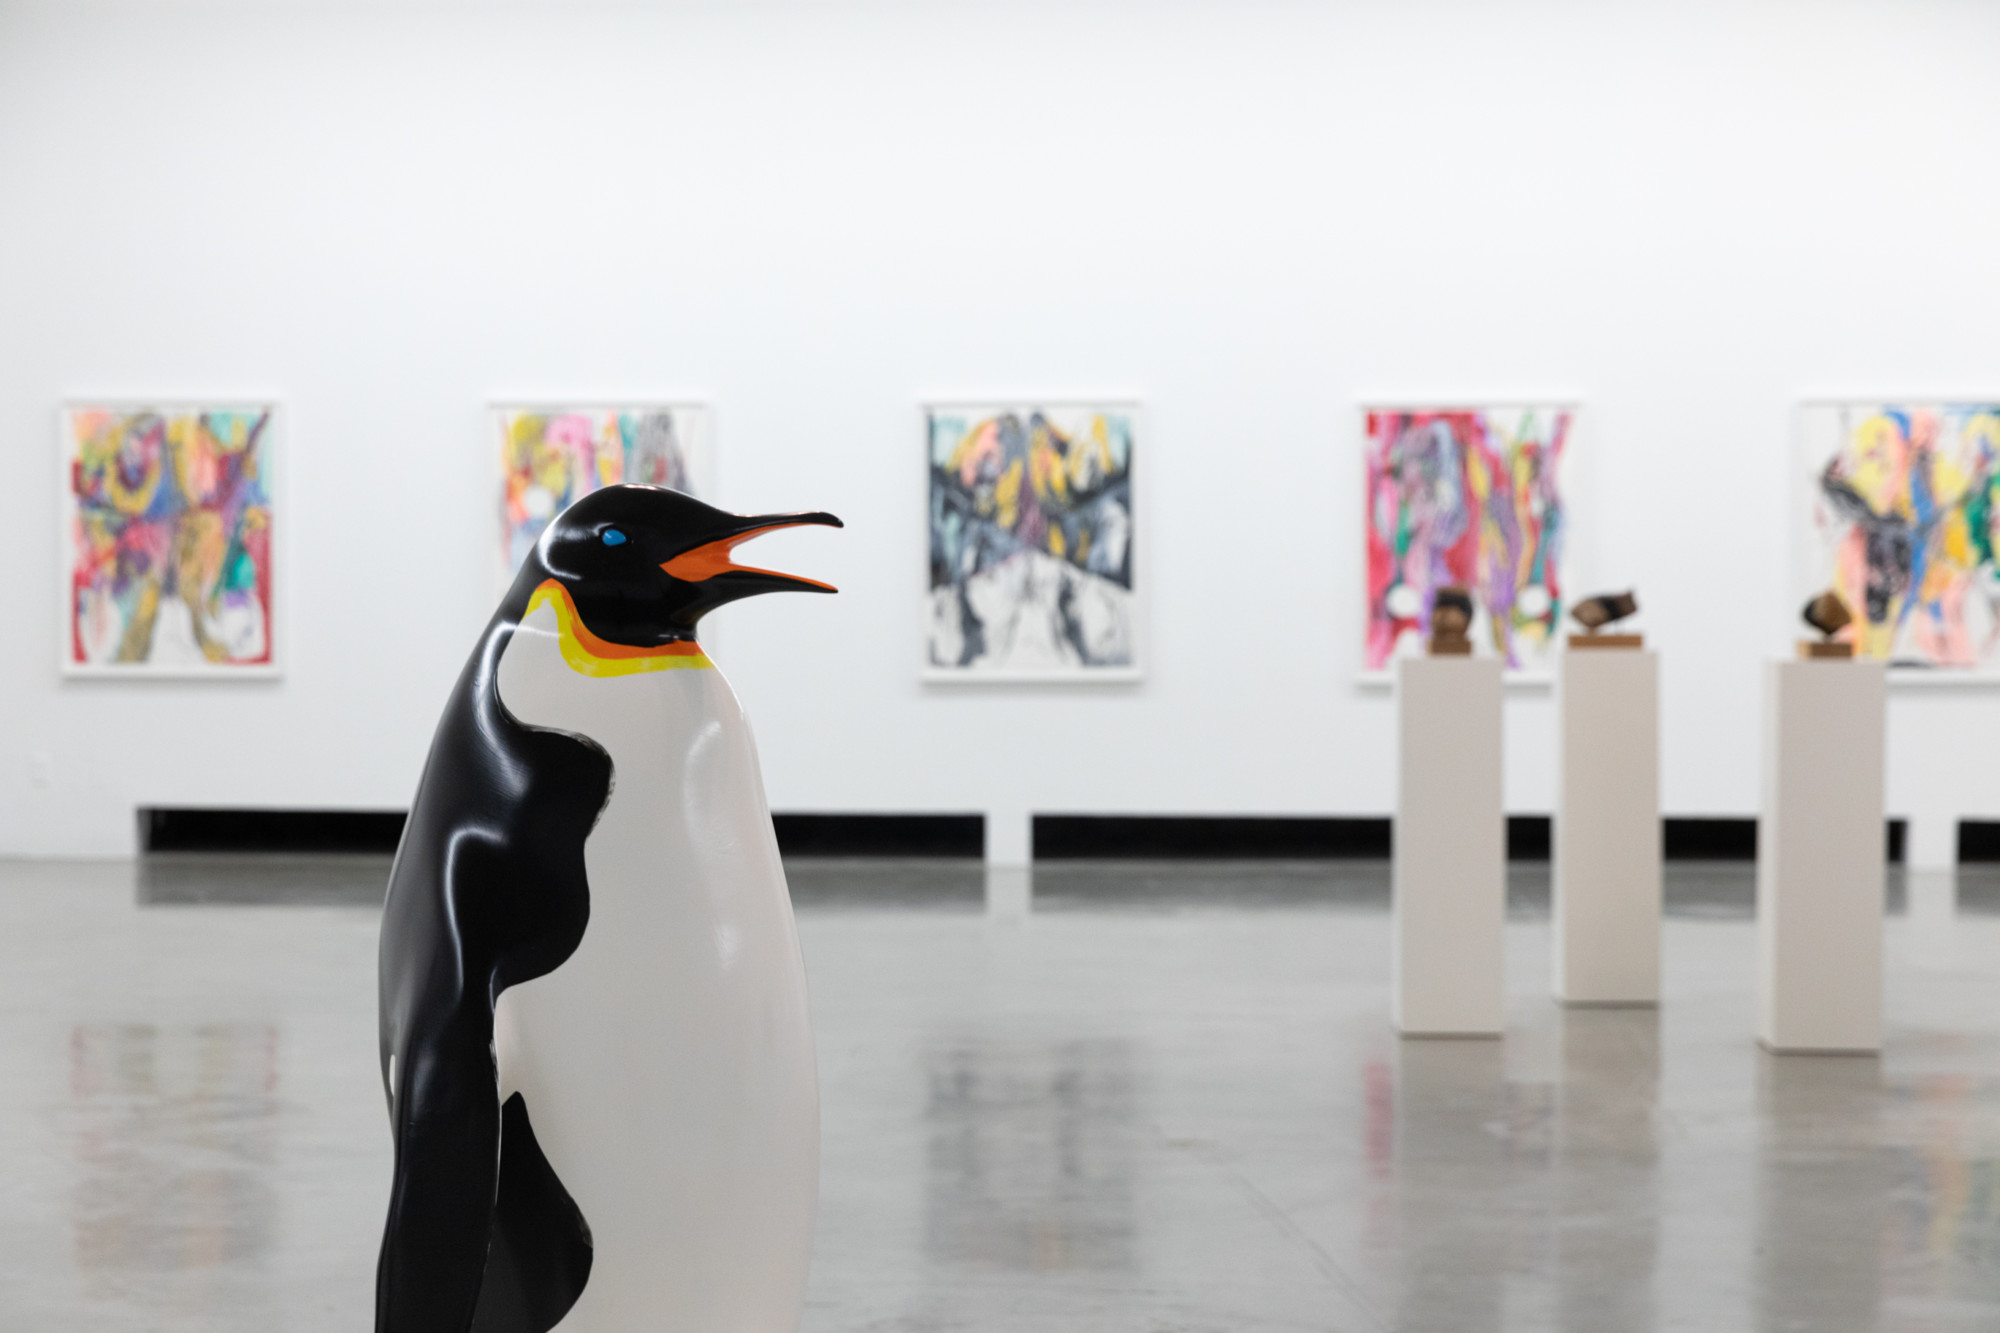 Artworks in gallery, penguin sculptures in front